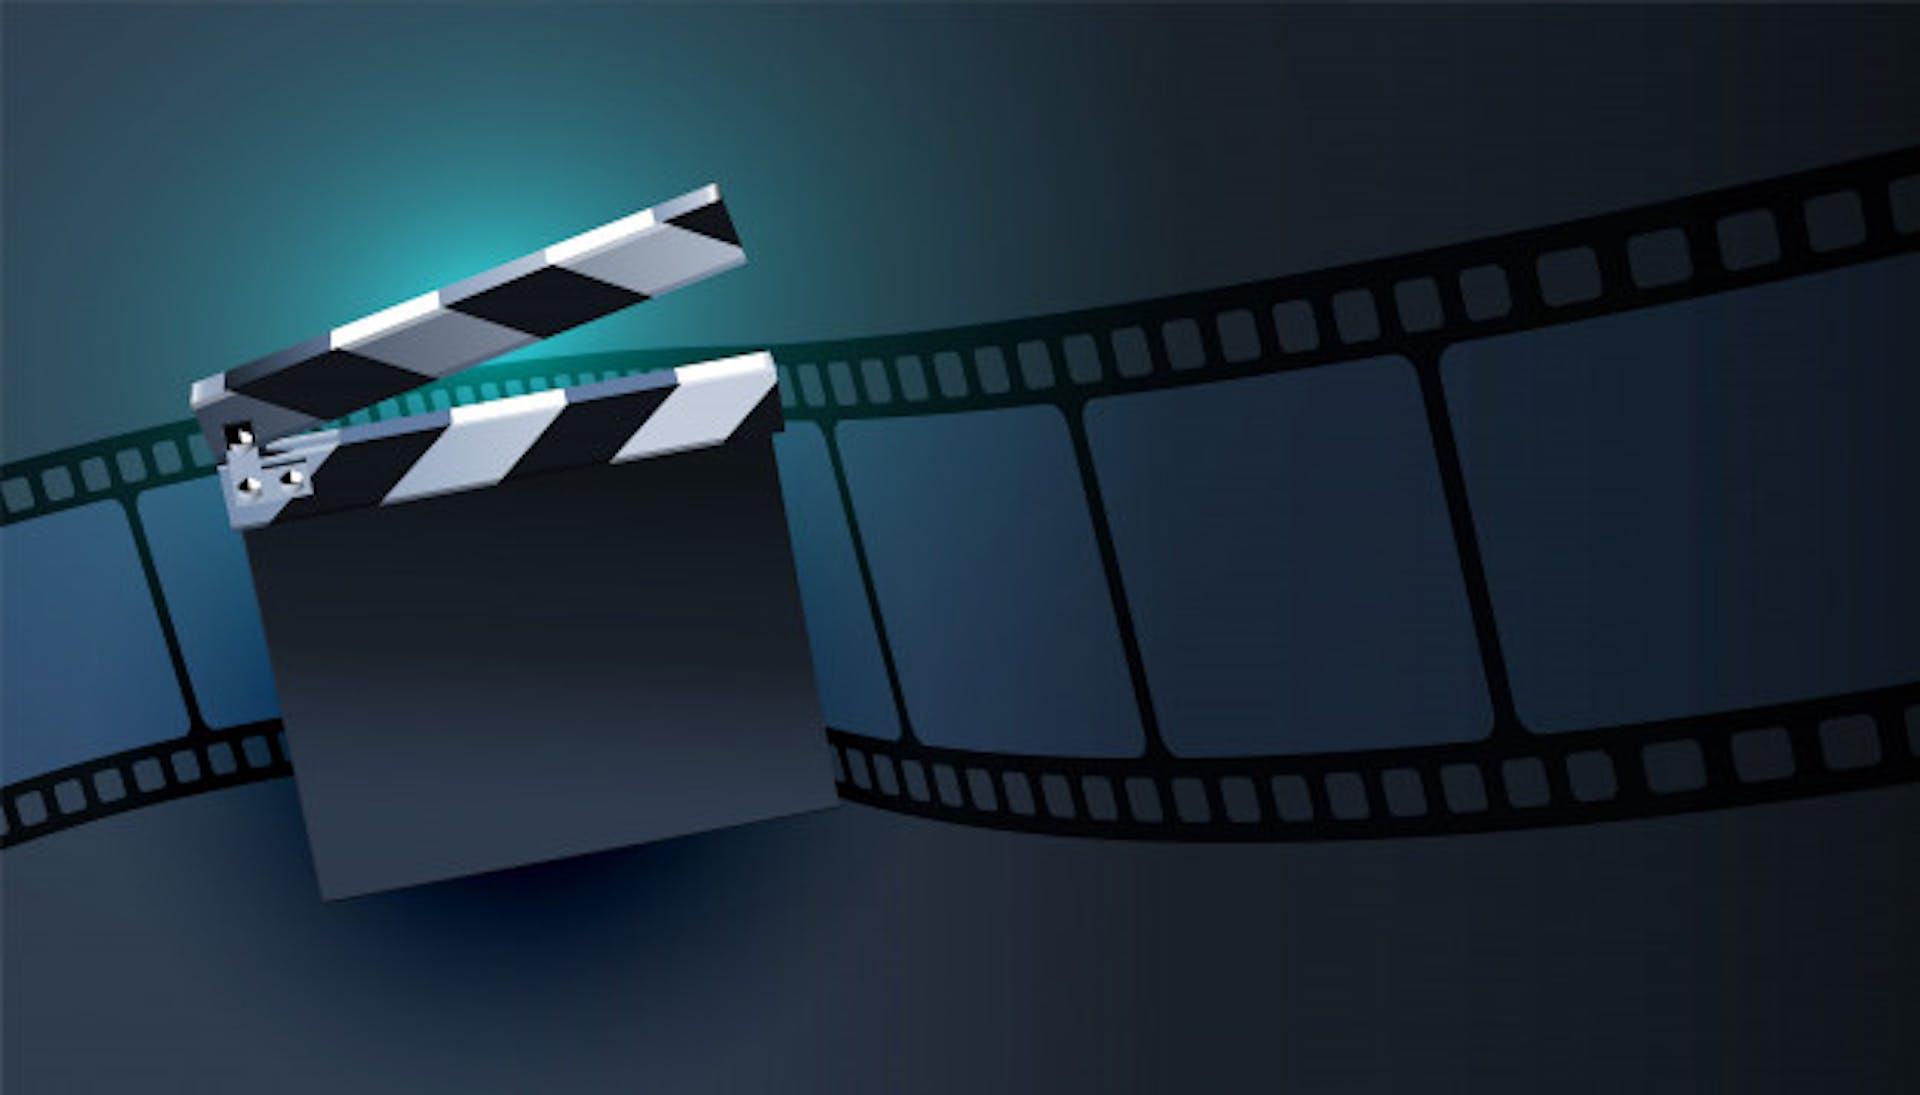 Descubre estos cursos para estudiar producción audiovisual a distancia